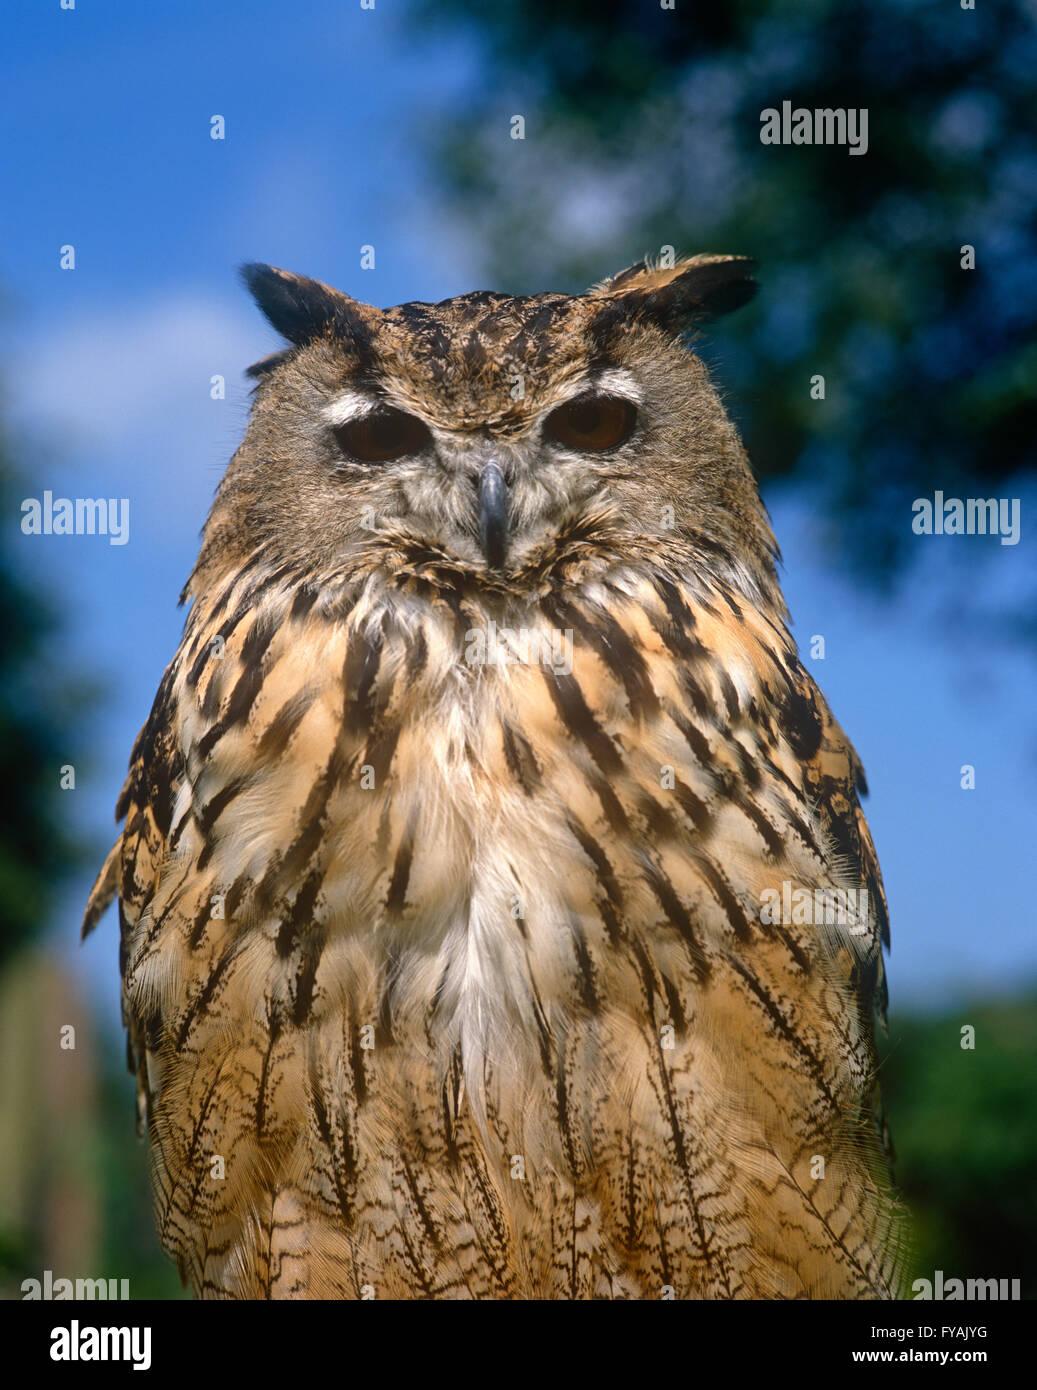 Owl mirando hacia la cámara, fuera. Imagen De Stock